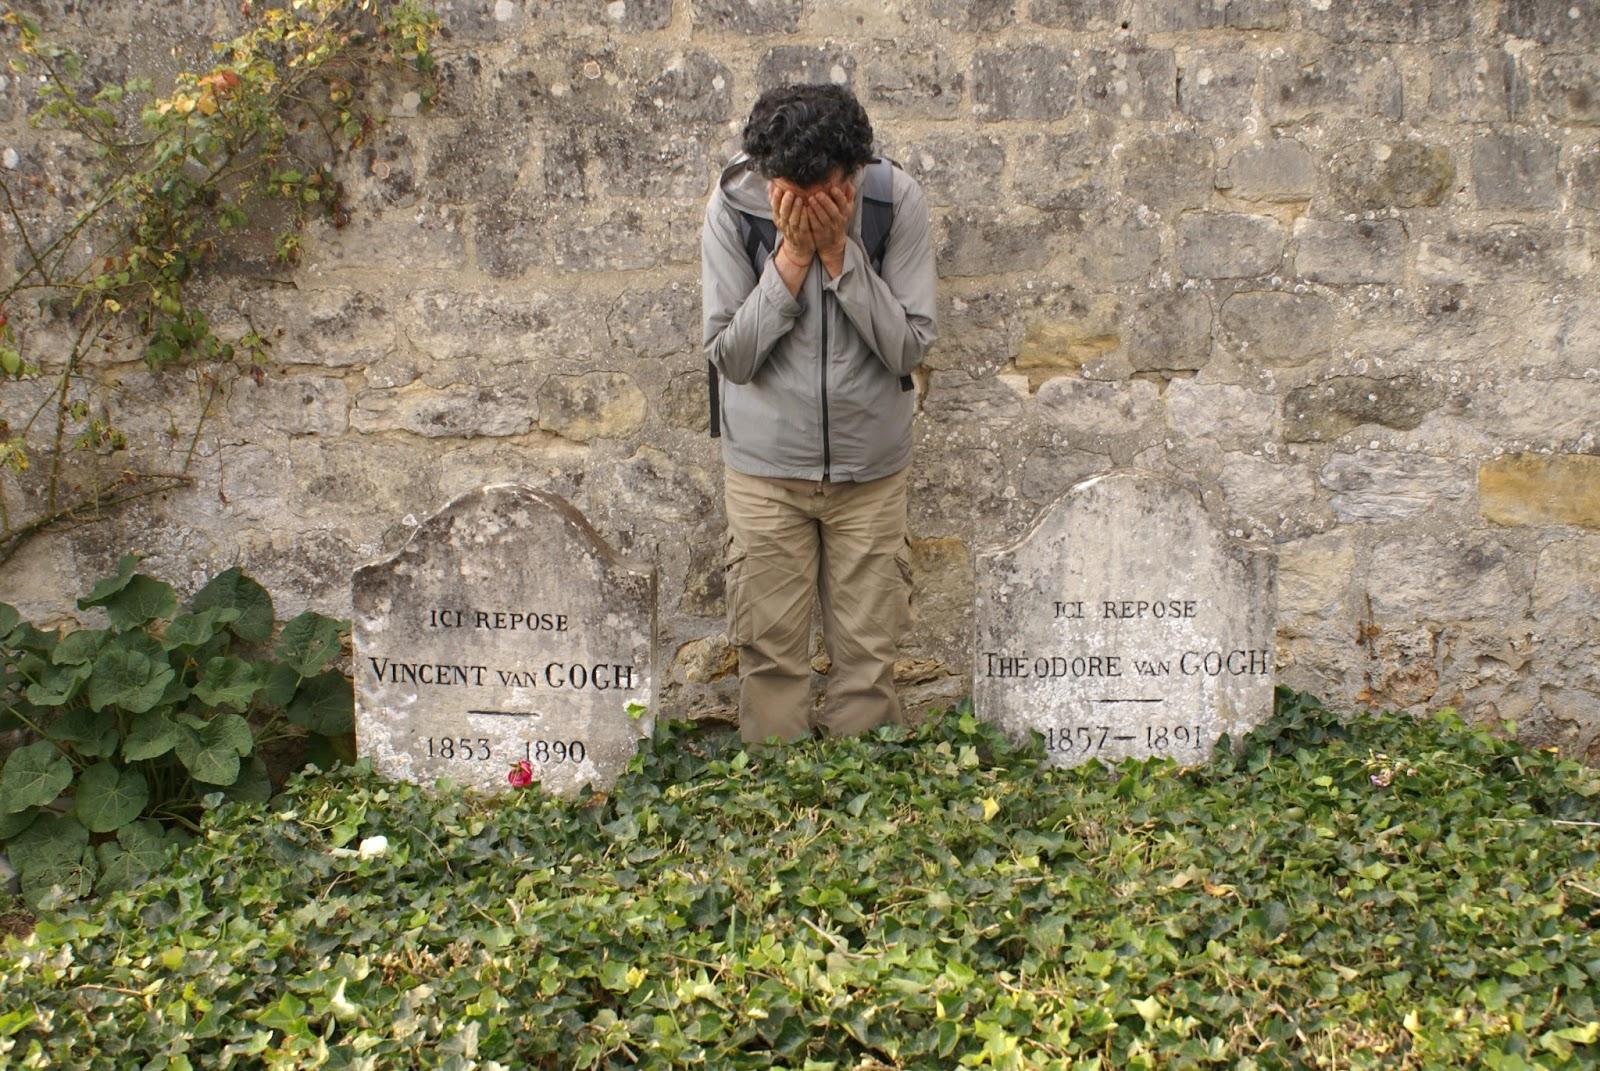 Van Gogh Acci³n Abierta Daniel Acosta Pars Auvers Sur Oise